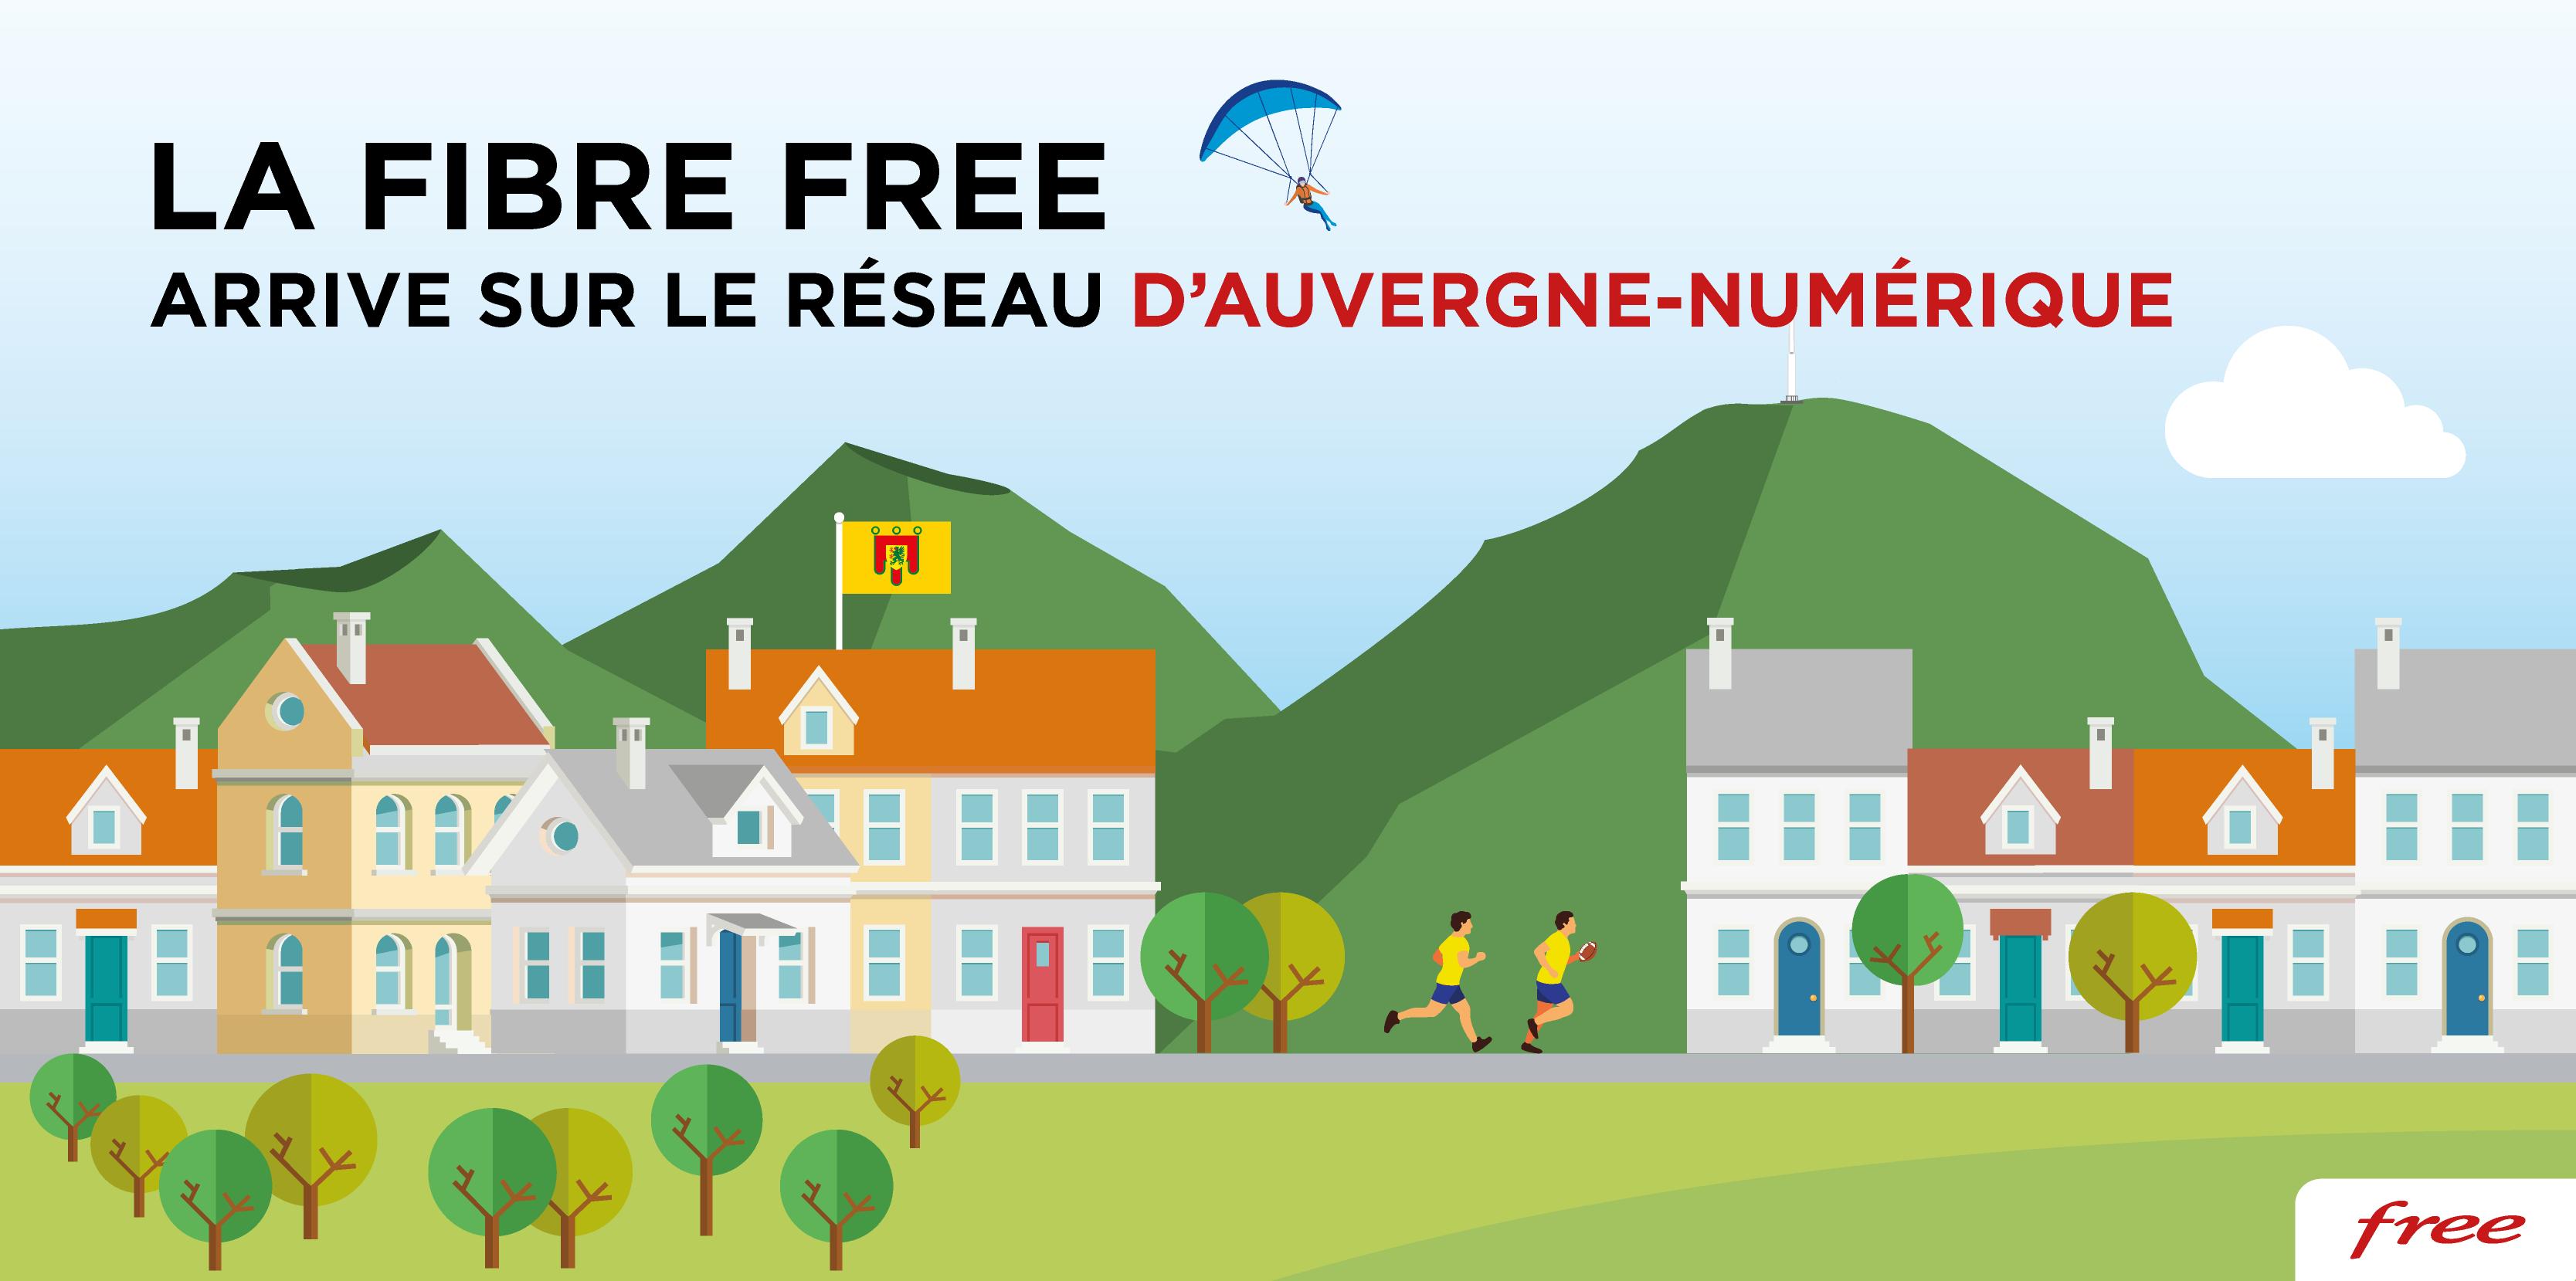 La Fibre Free arrive sur le réseau d'Auvergne-Numérique